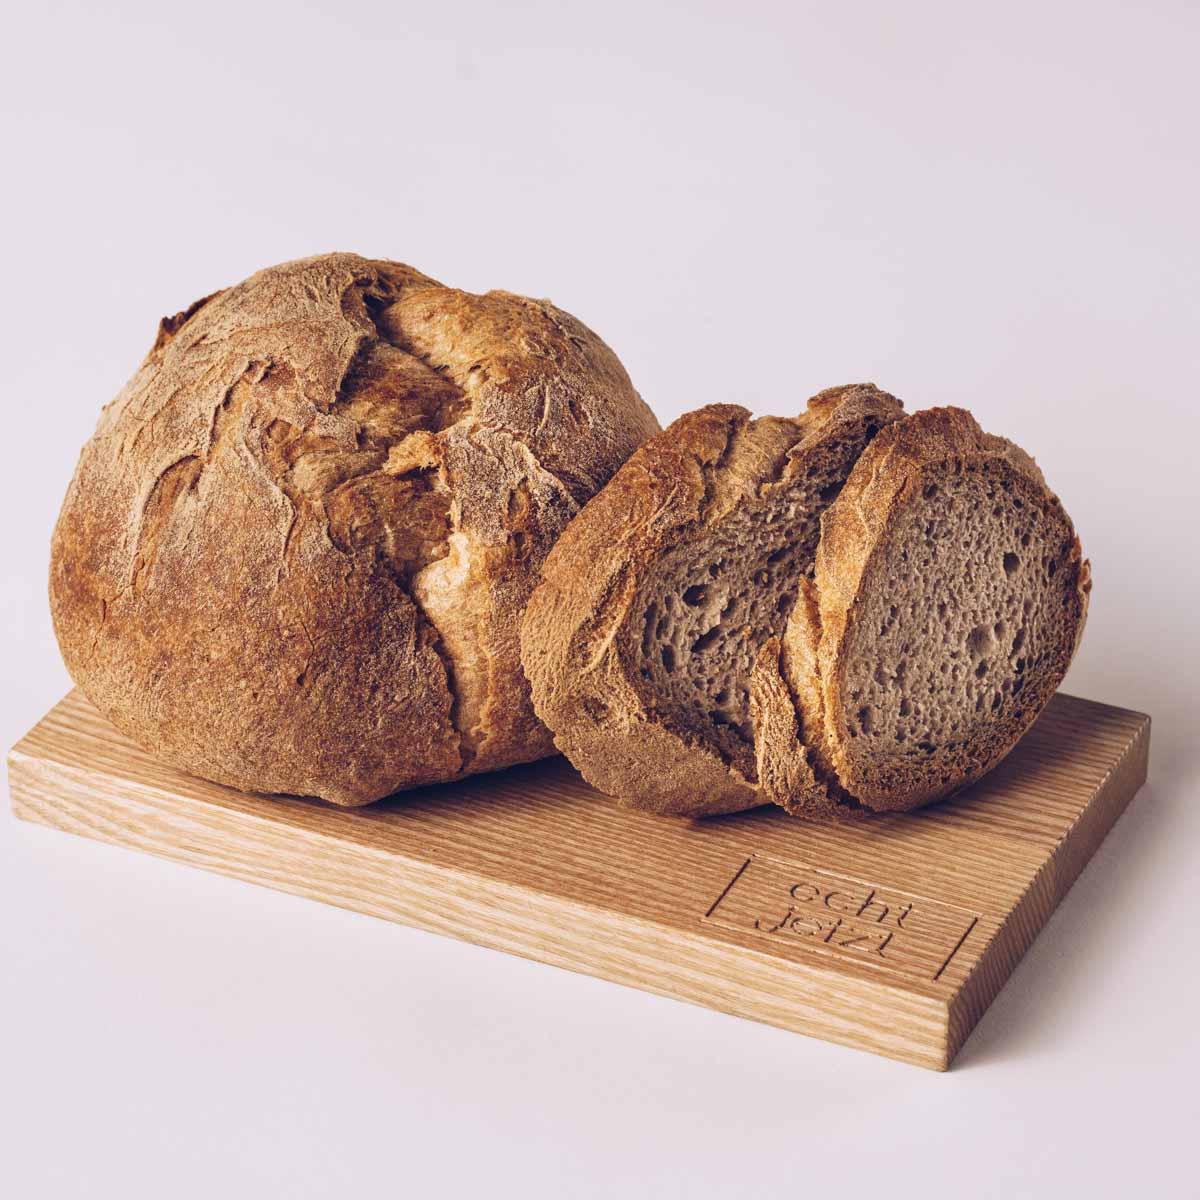 Echt Jetzt Glutenfreies Bio-Brot München--7